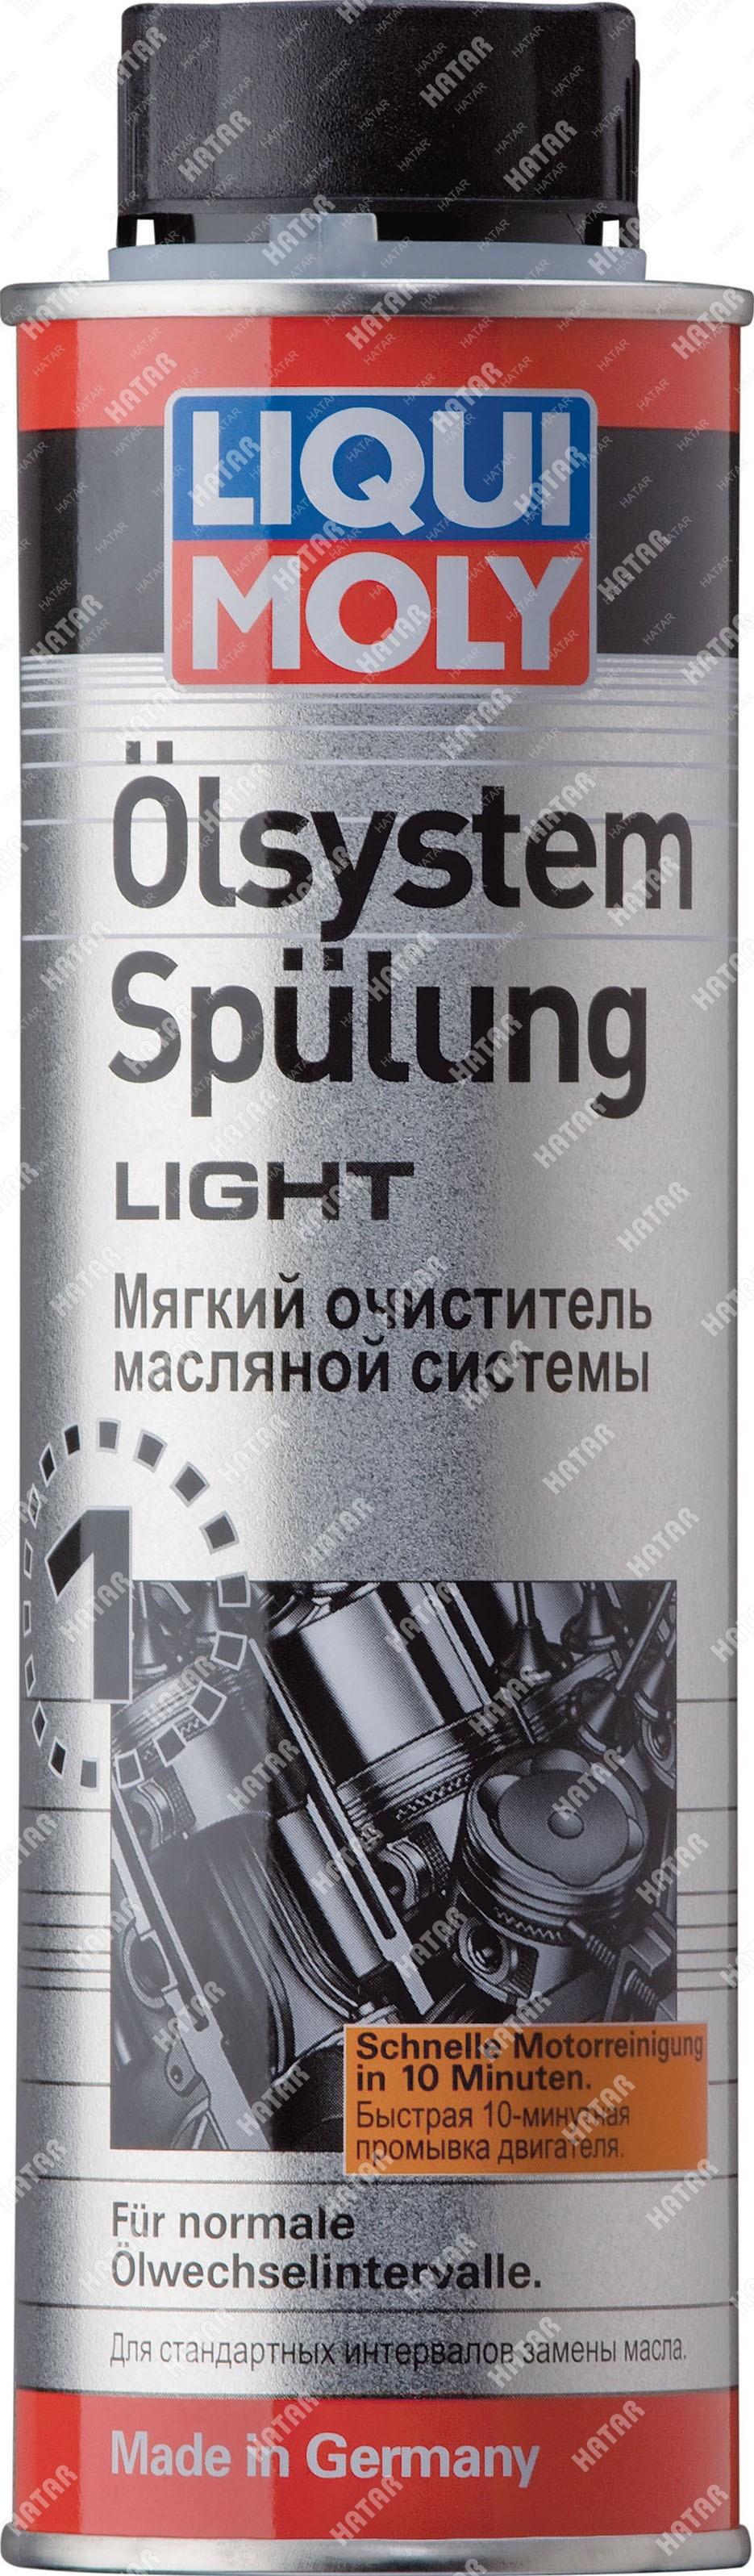 LIQUI MOLY Мягкий очиститель масл. сист. olsystem spuling light 0.3л